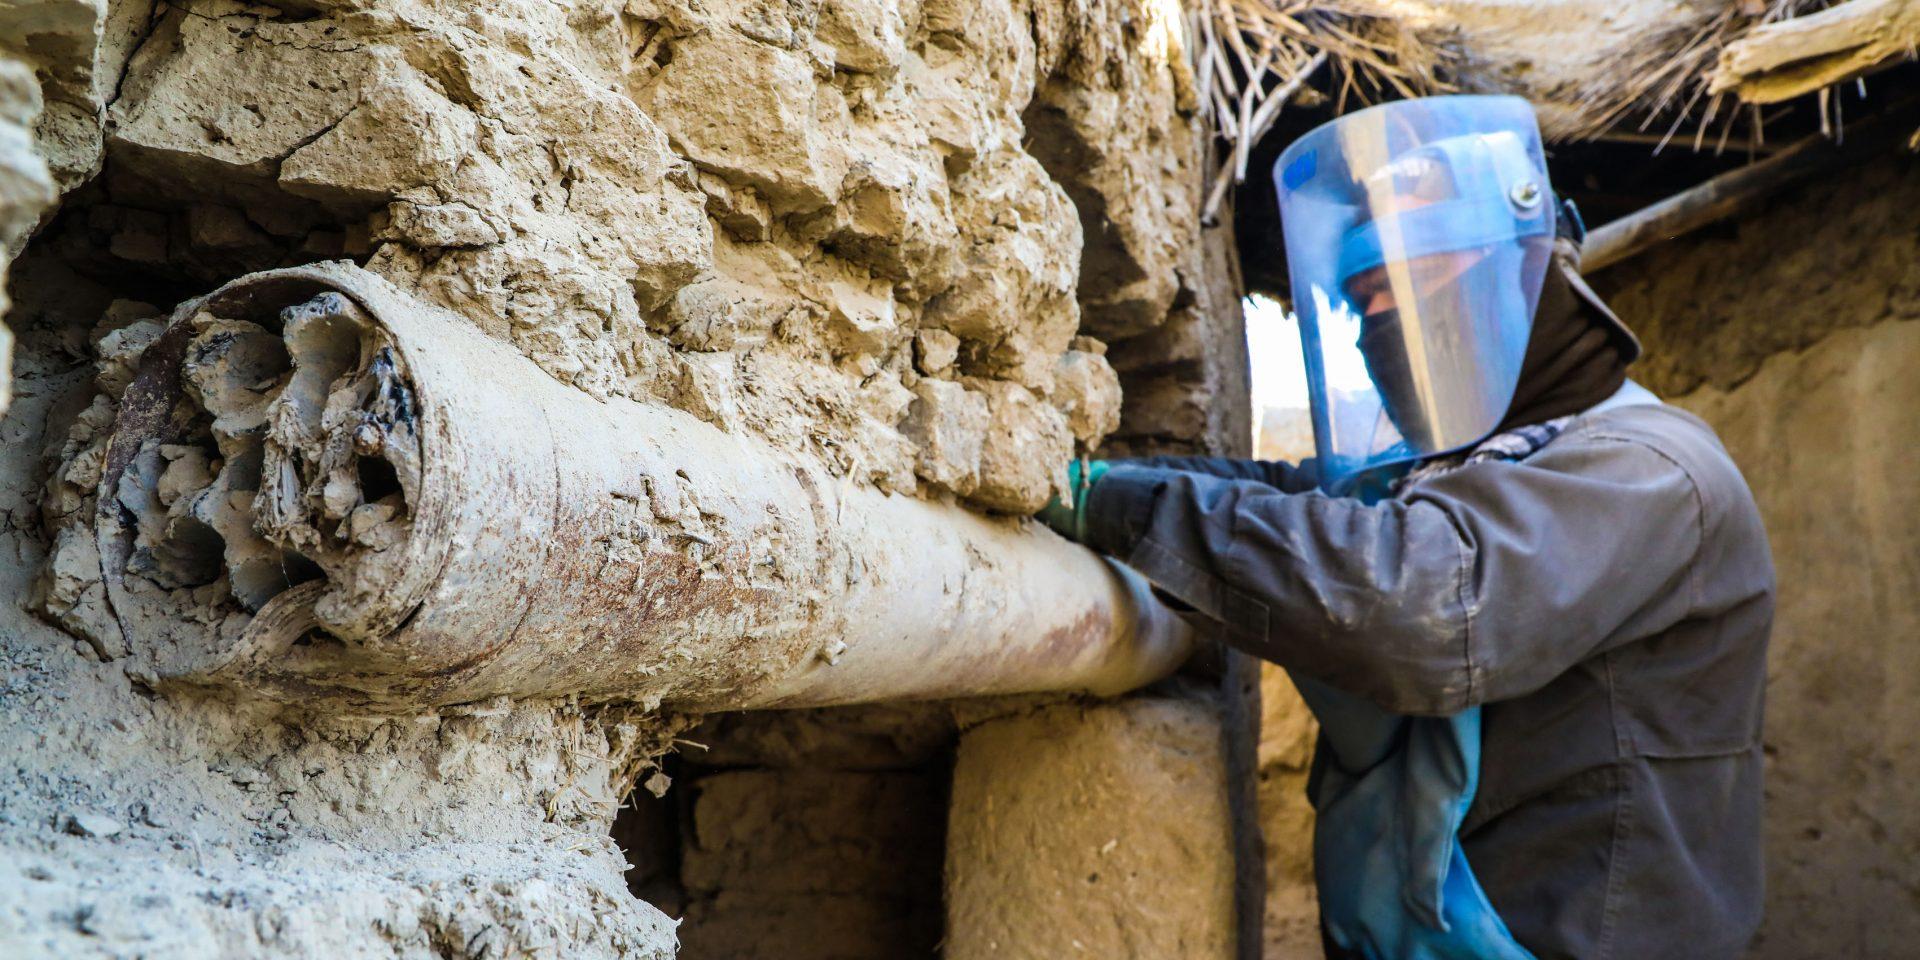 Minröjare plockar bort gamla missiler med explosiva stridsspetsar som använts som bjälkar i ett hus i norra Afghanistan.